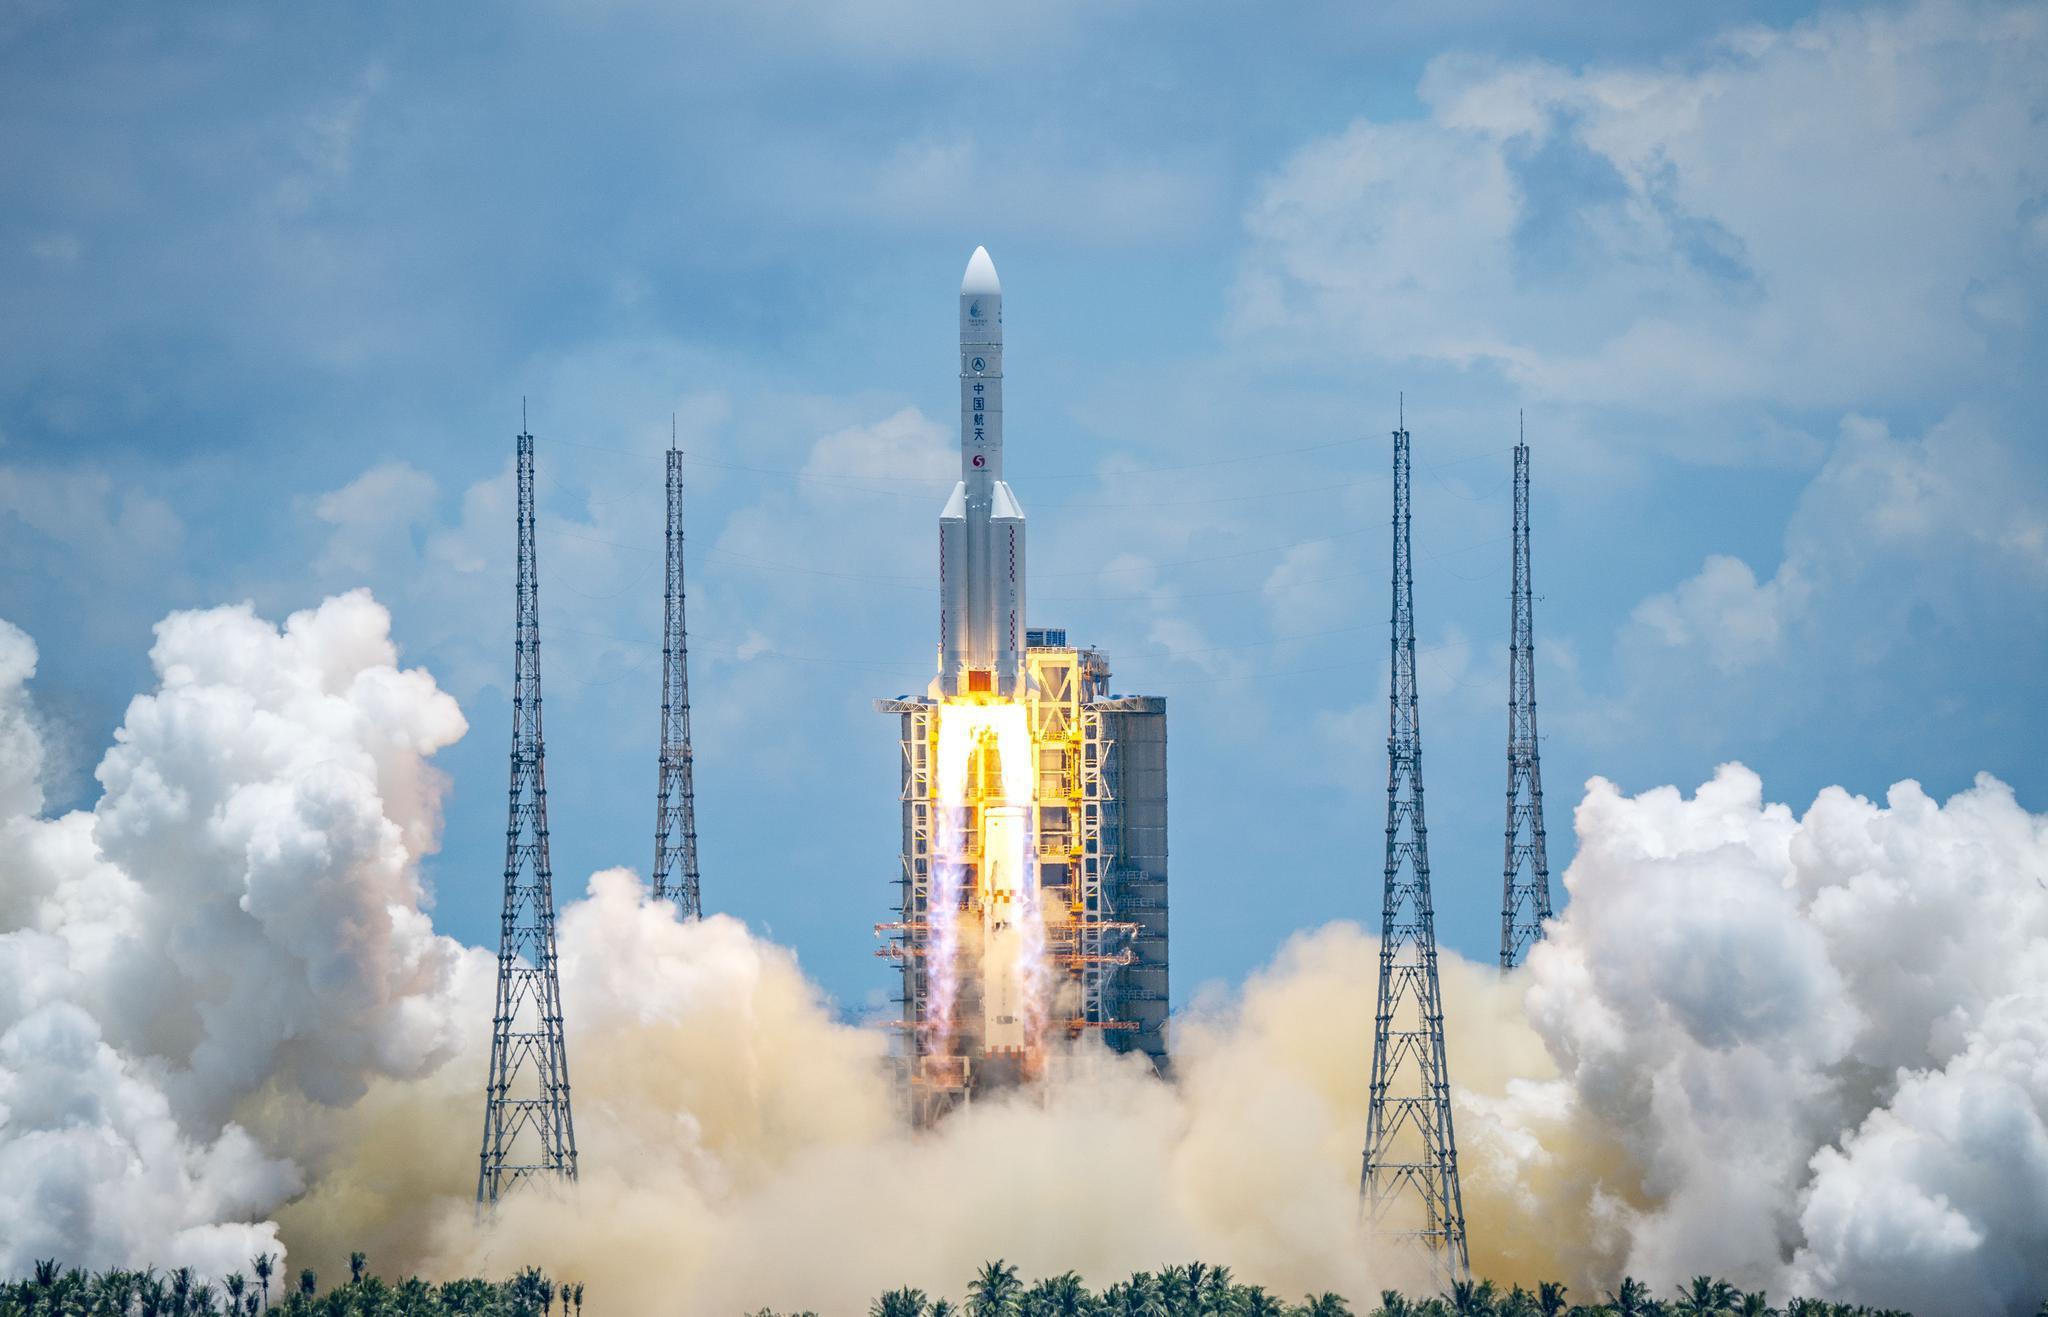 """2020年7月23日,长征五号遥四运载火箭将我国初次火星探测义务""""天问一号""""探测器乐成发射升空并送入预定轨道。中国每年的氦气利用量超4300吨,此中就包罗了用于泵送火箭燃料。图自新华社"""